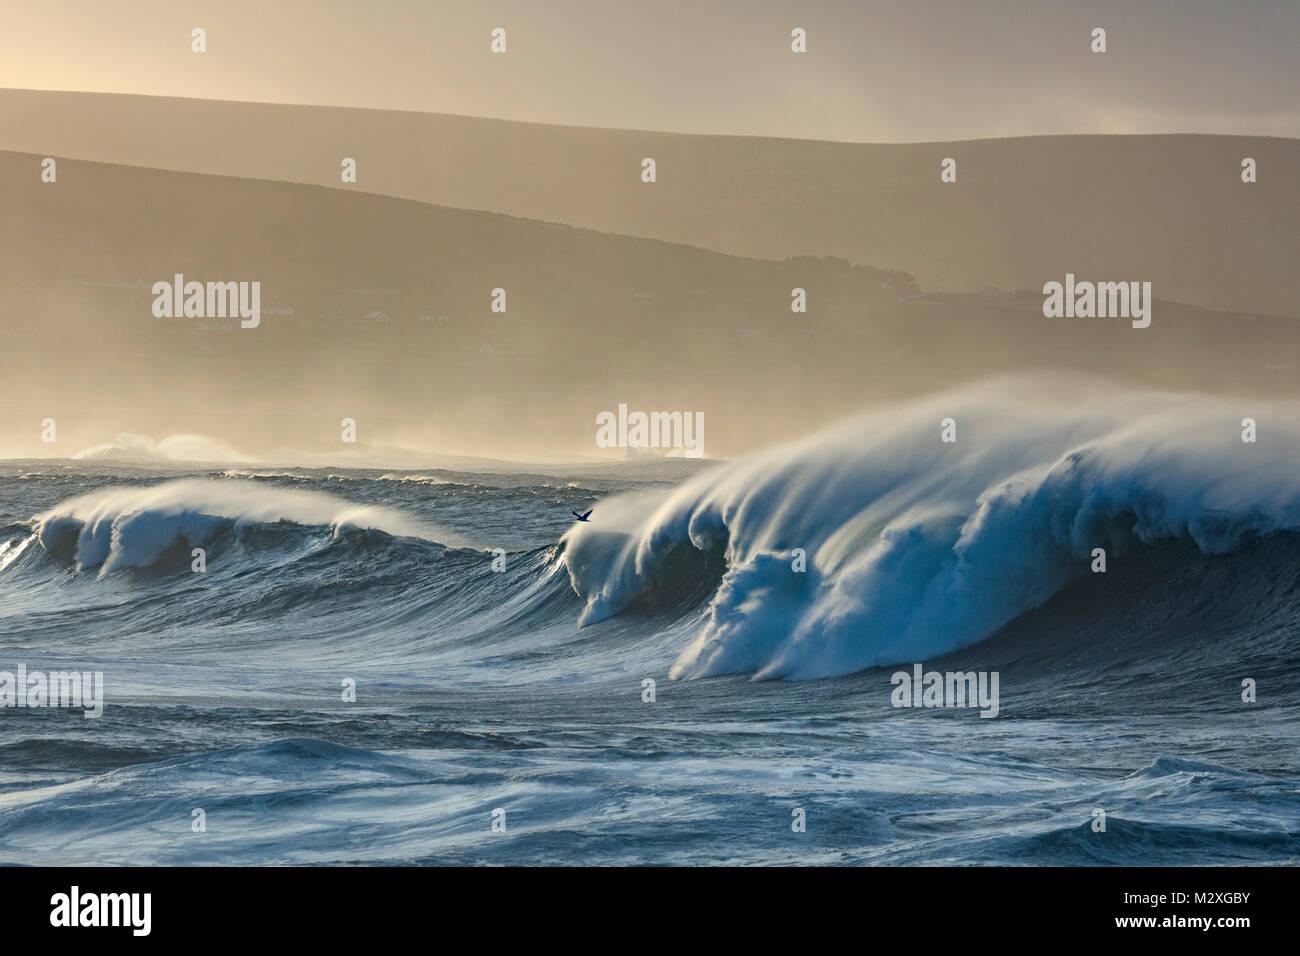 Tempête atlantique vagues près de Ballycastle, Comté de Mayo, Irlande. Photo Stock